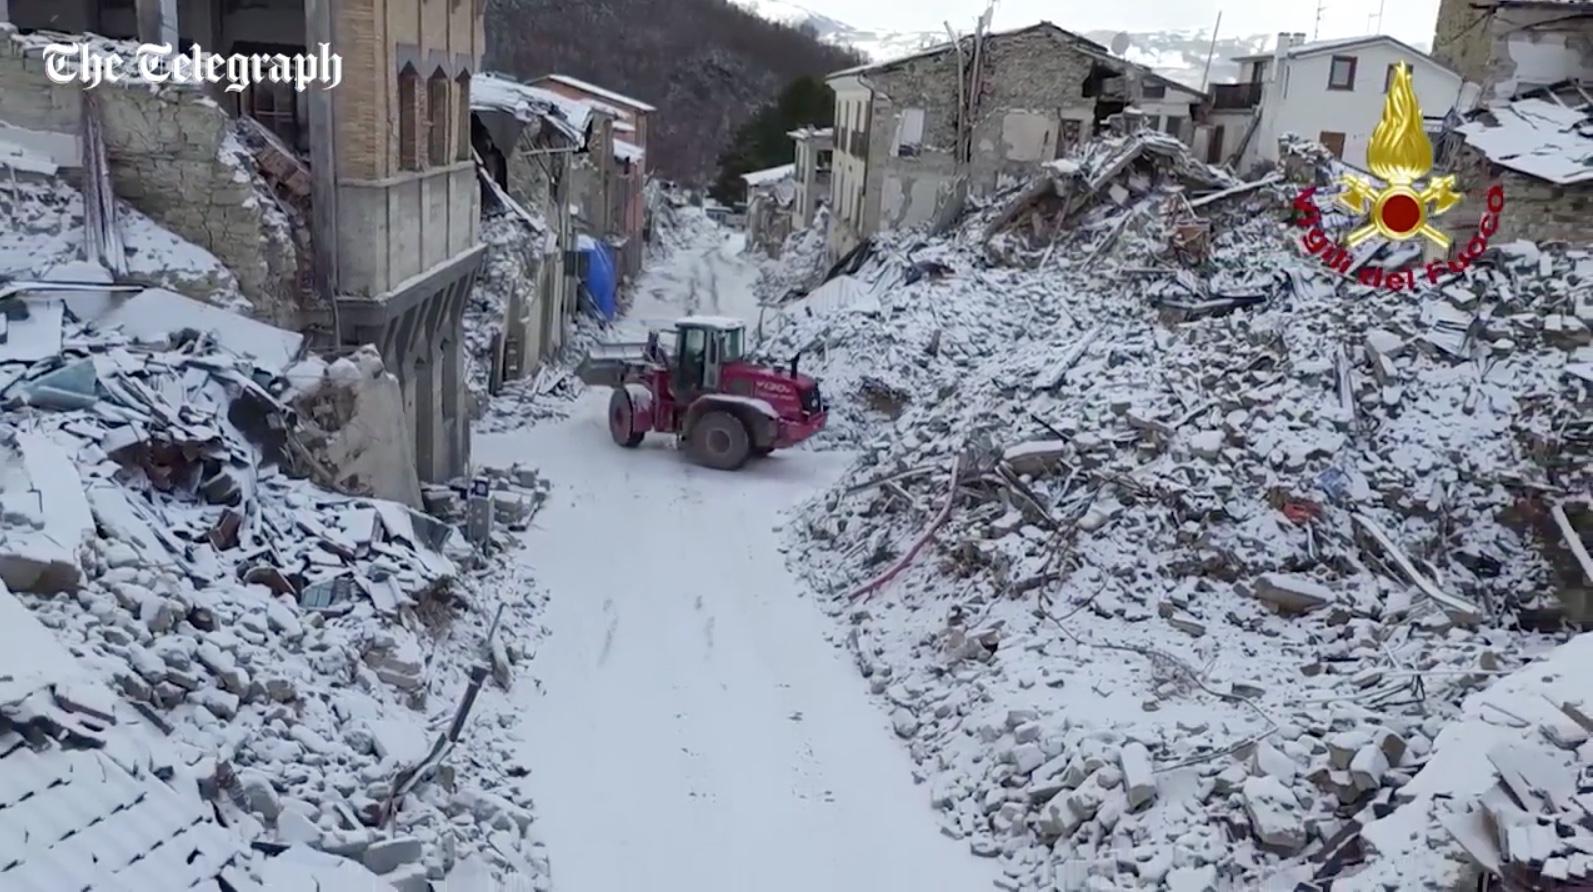 italy-earthquake-damage-amatrice-rubble